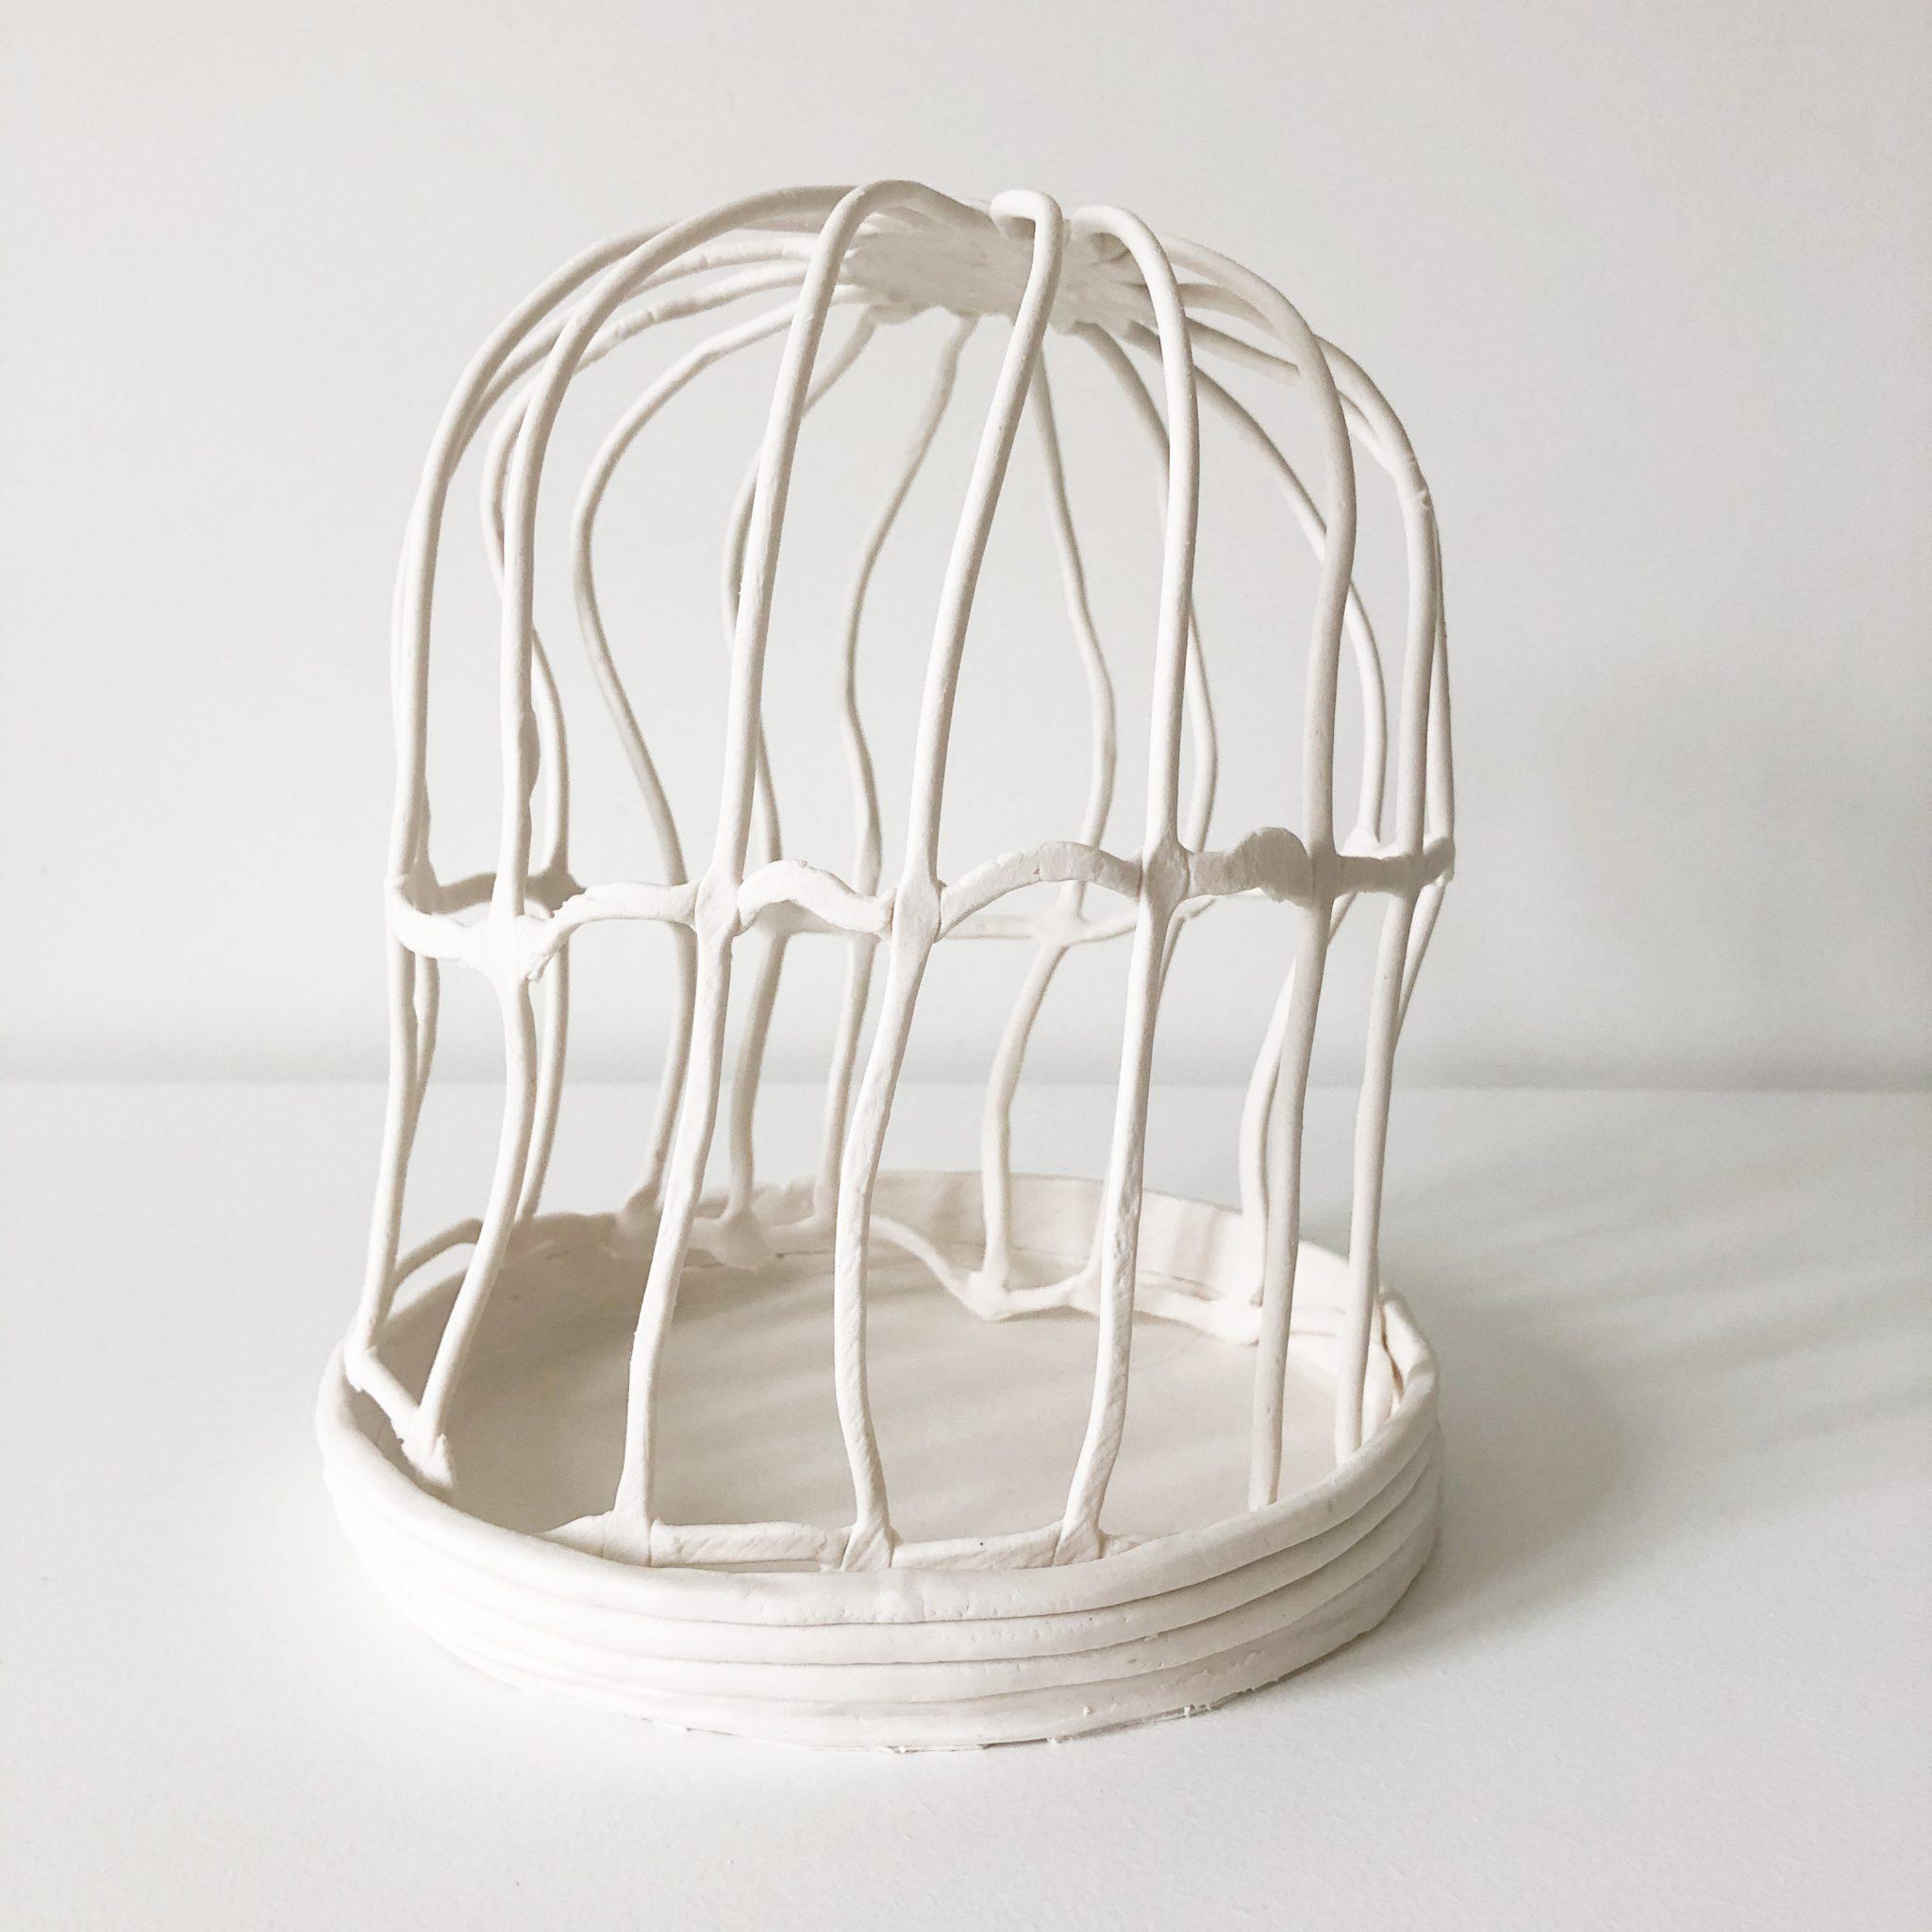 Codium Fragile Corinne Vorwerk Smaal Artwork 13